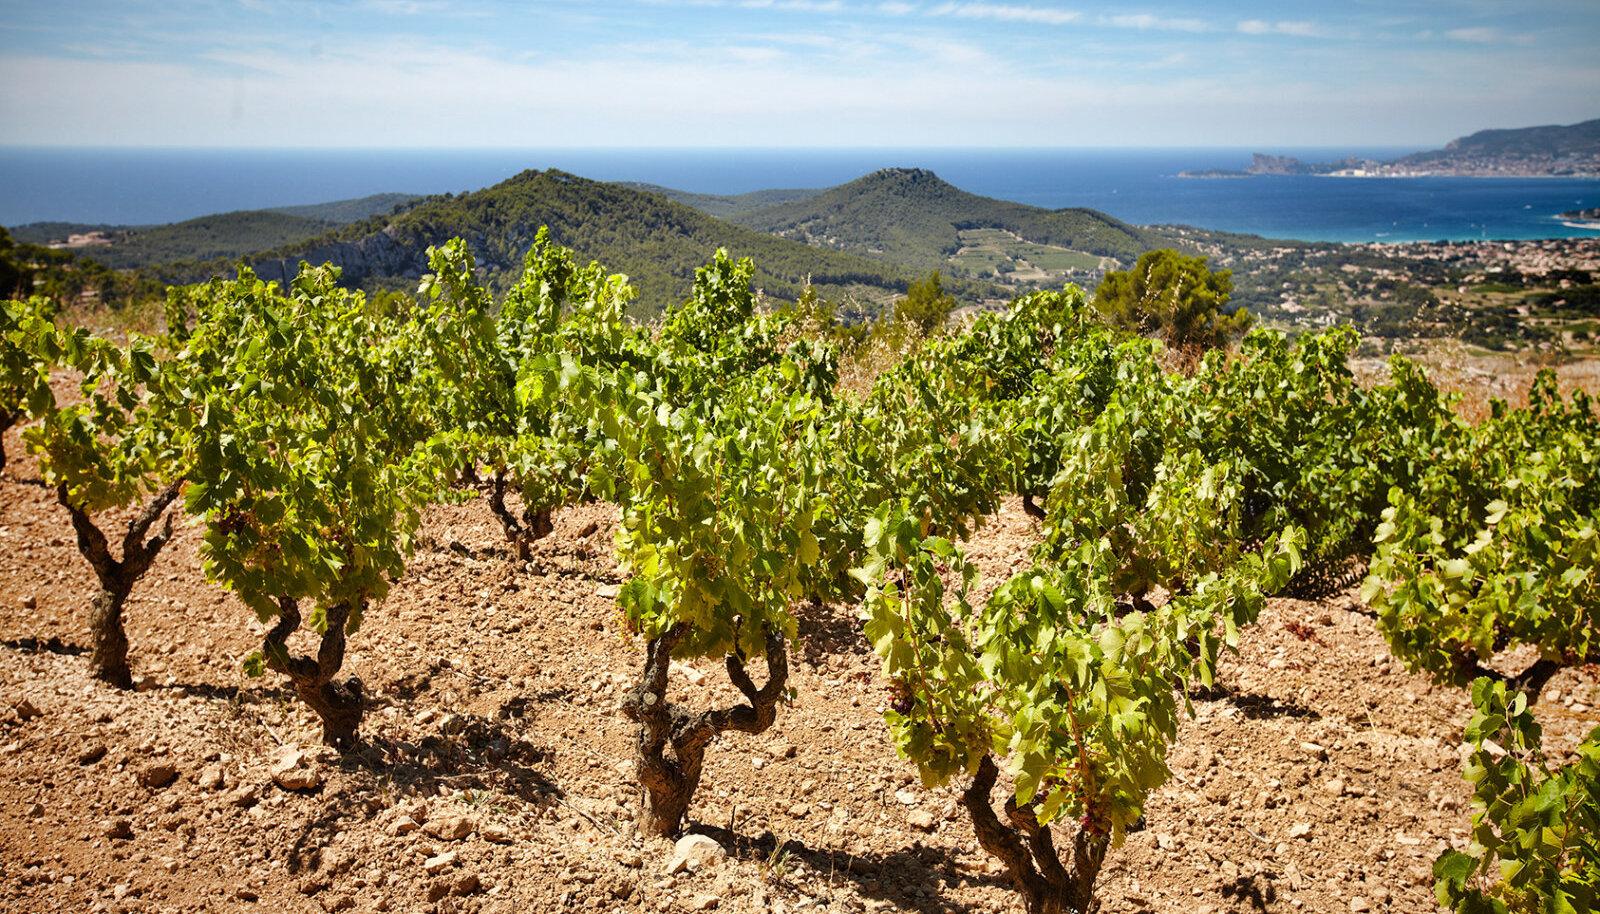 Côtes des Provance on piirkond Lõuna-Prantsusmaal, kus tänapäeval ka paljud staarid veini valmistavad. Veinid on alati kvaliteetsed, kahvatu roosaka värvusega ning kuivad. Foto: Serge Chapuis,